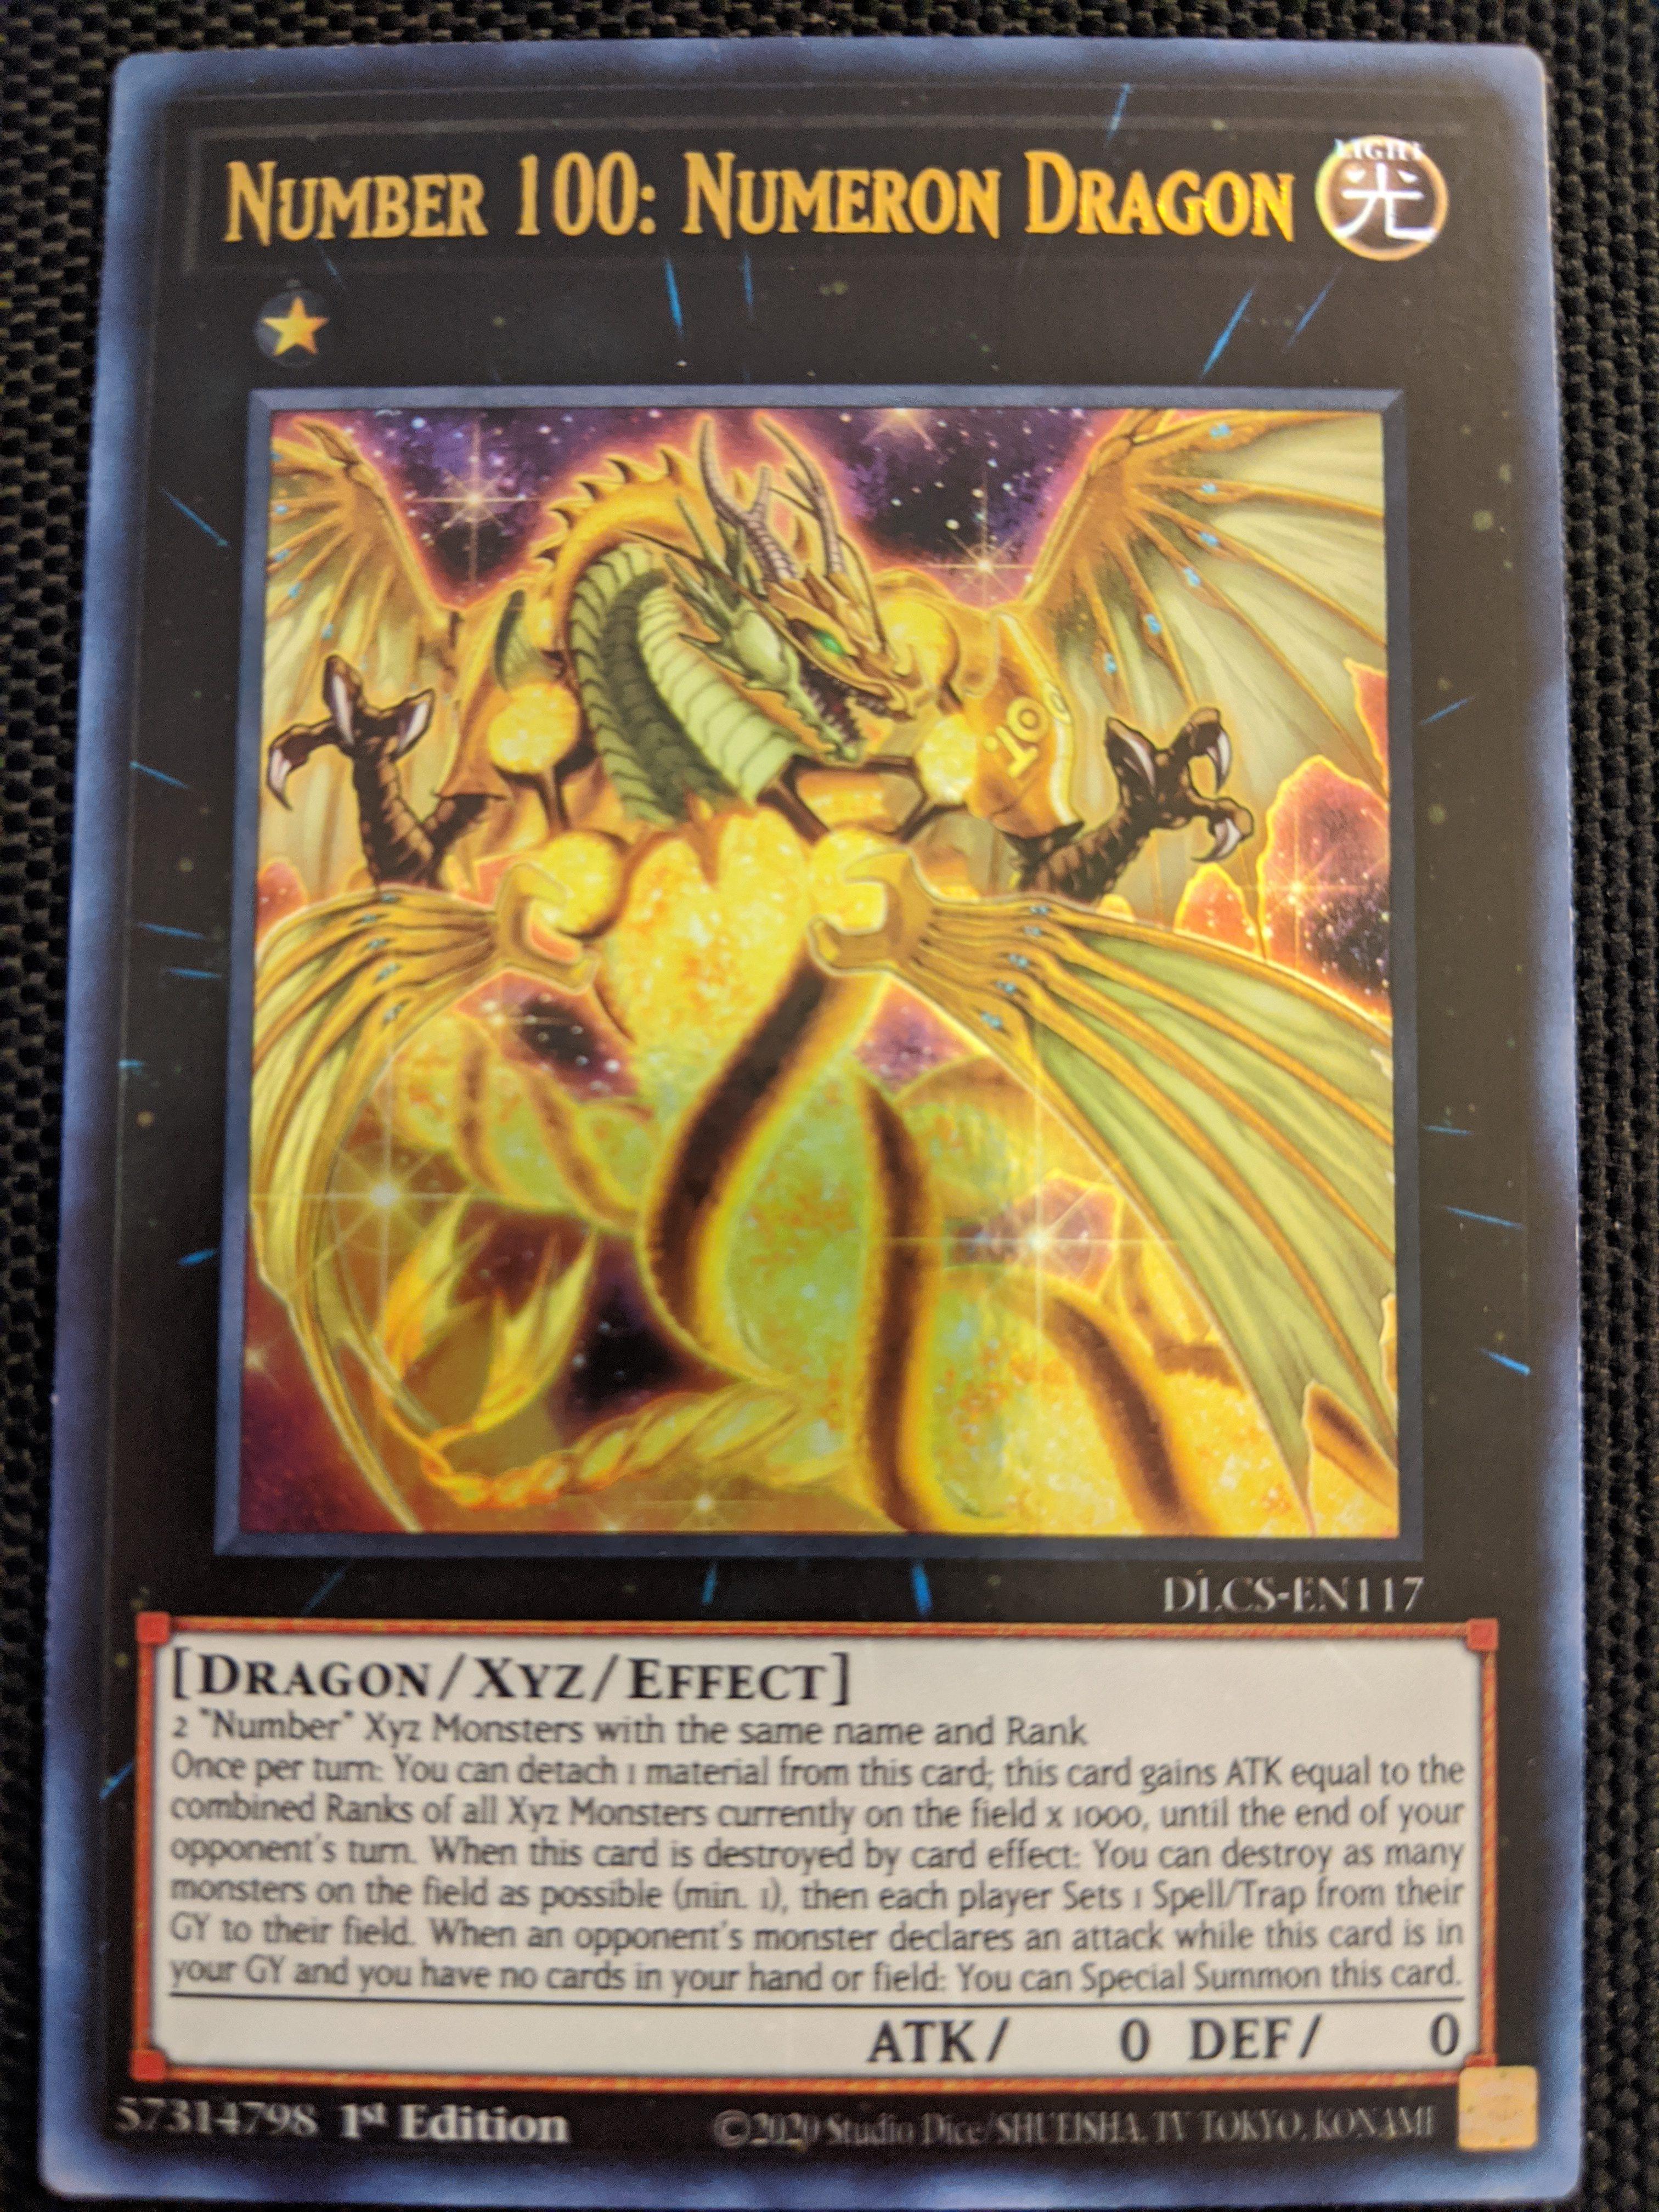 Numeron Dragon DLCS-EN117 Holo Foil Yugioh Dragons of Legend 1st Number 100